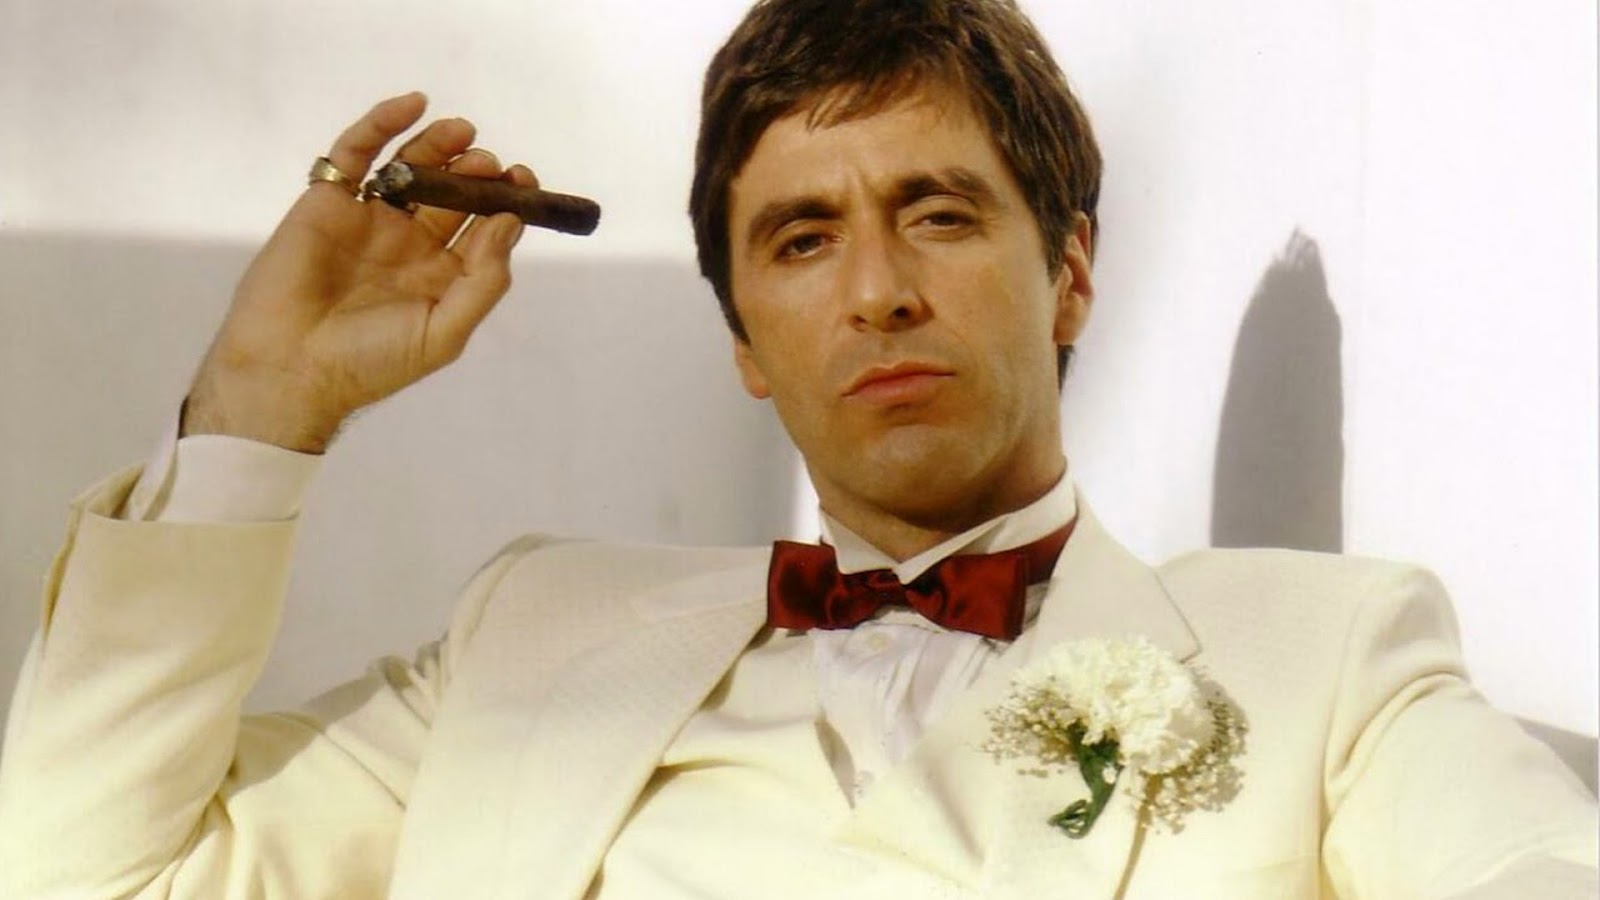 http://1.bp.blogspot.com/-0t3Kx0pAlKo/UL4Y7yiv6dI/AAAAAAAAlTY/OWQp5H6EEBE/s1600/al-pacino-cigar.jpg